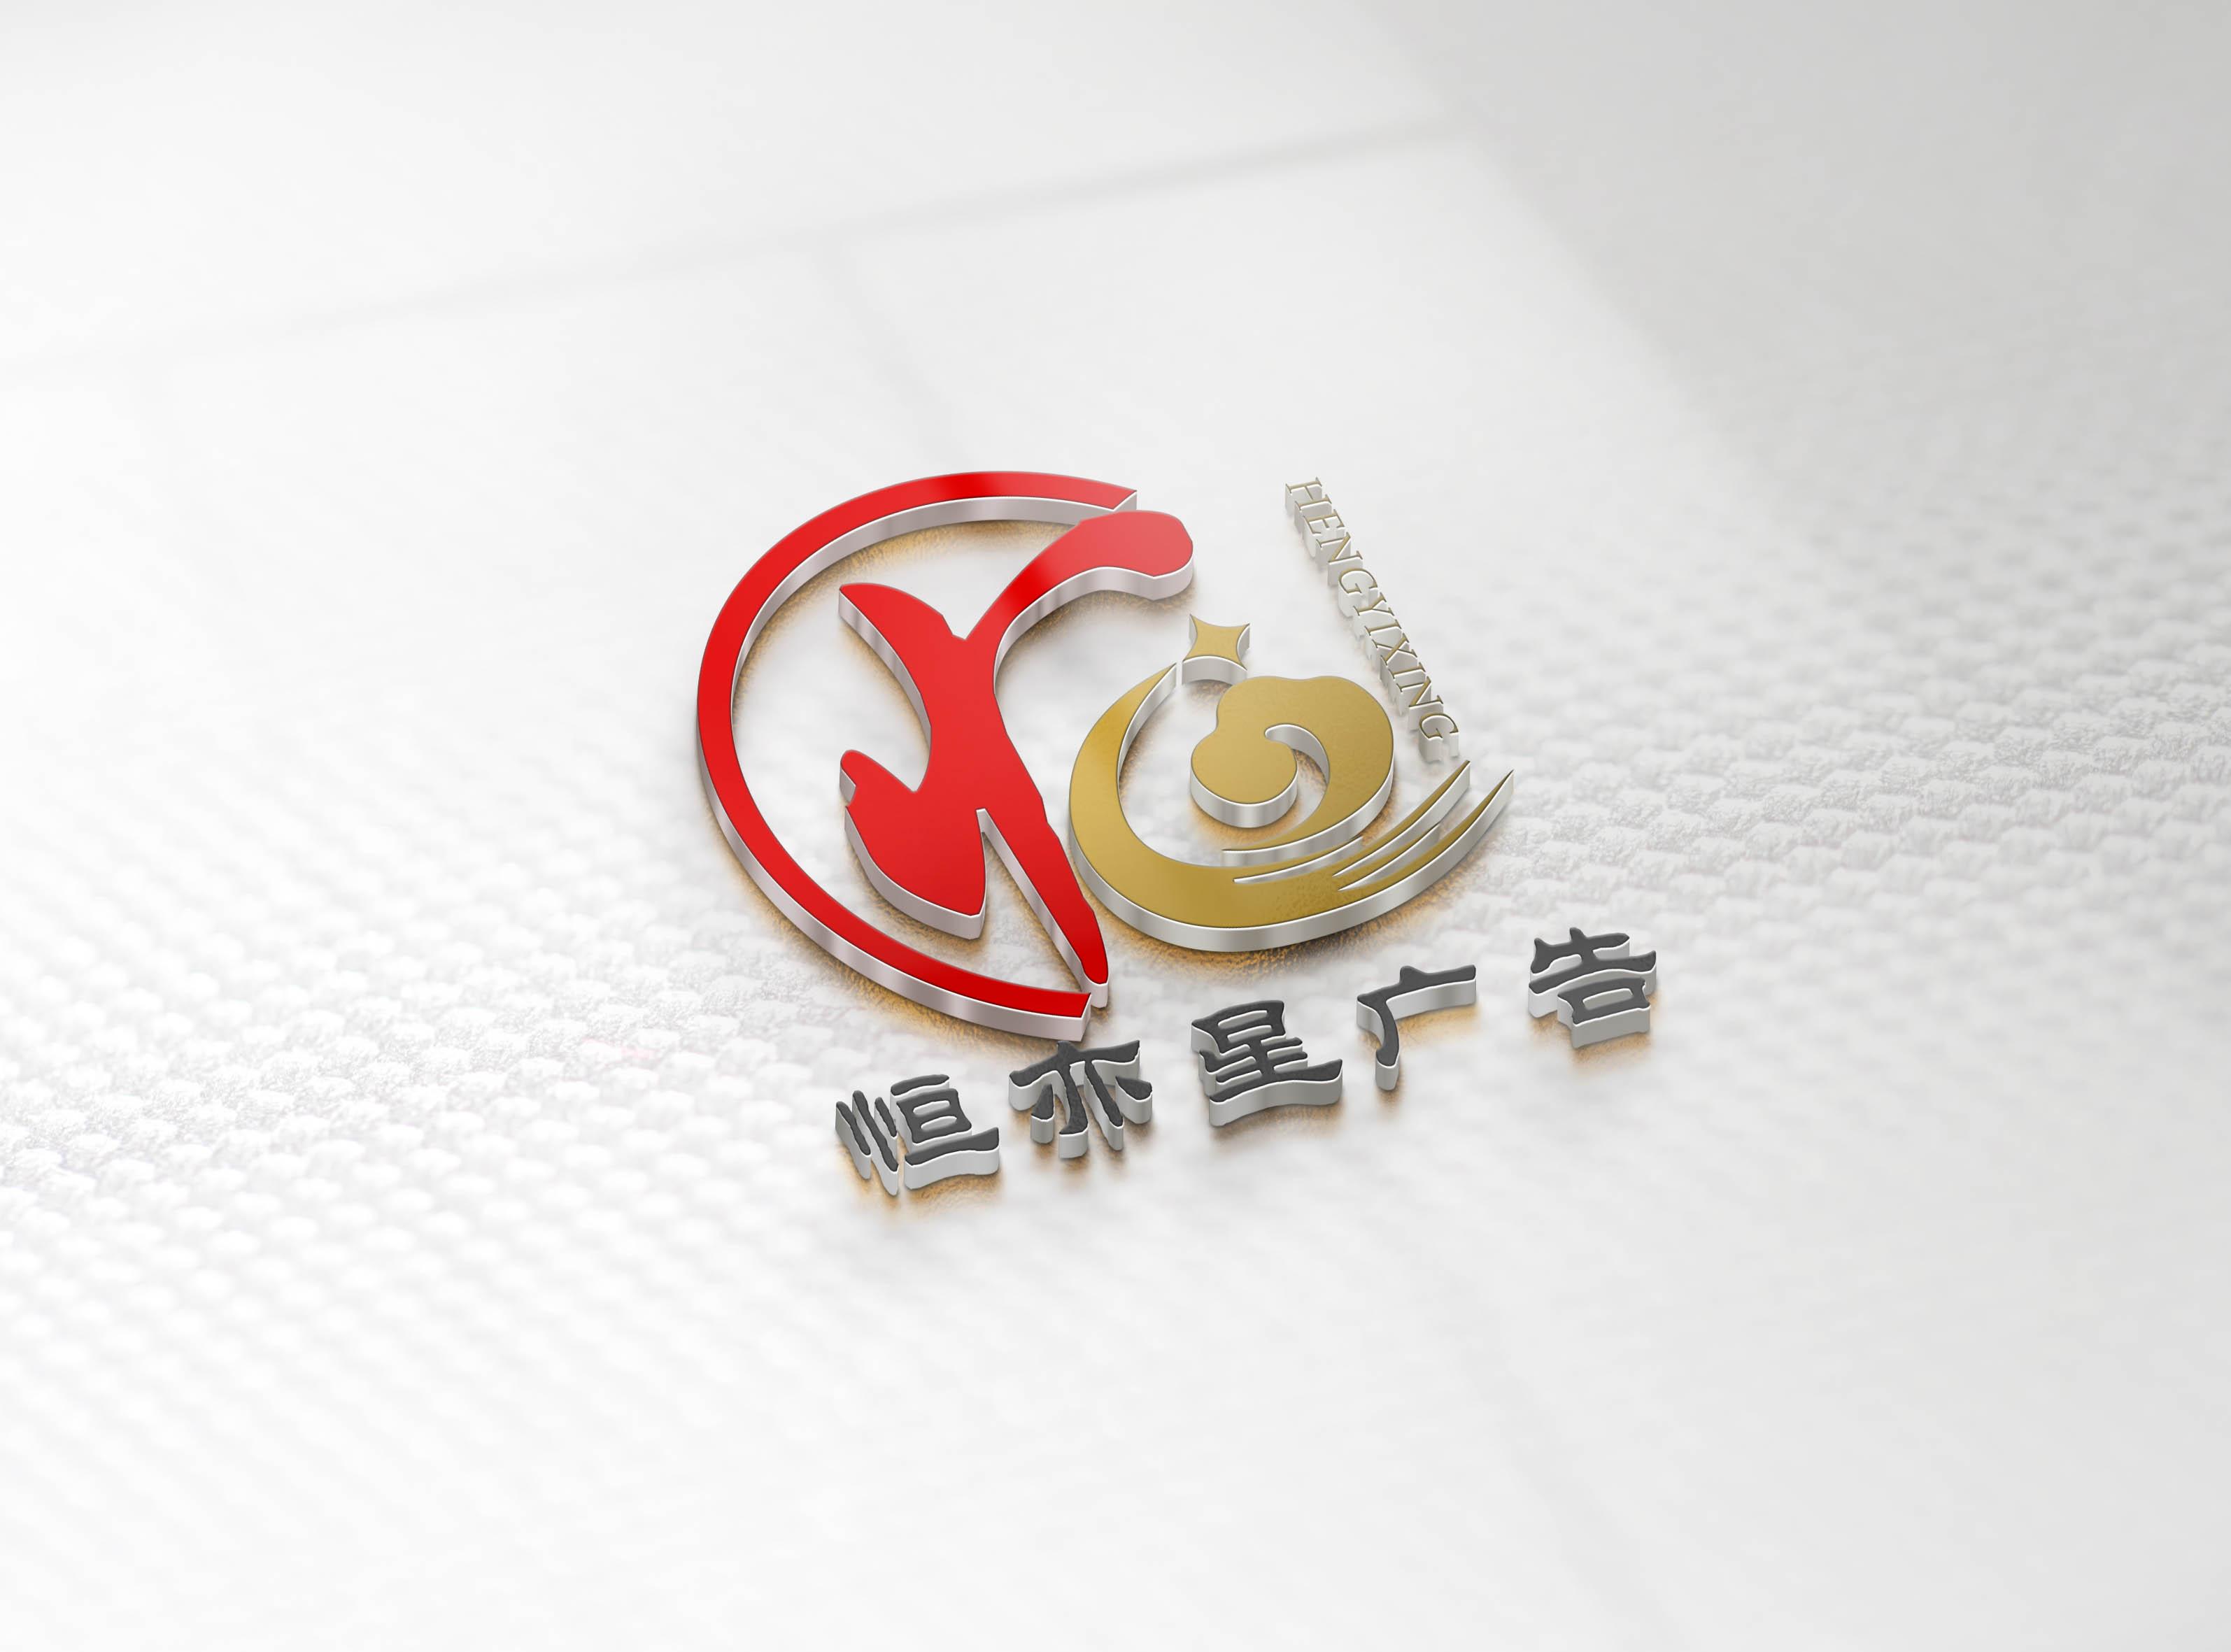 恒亦星广告传媒logo设计_3036822_k68威客网